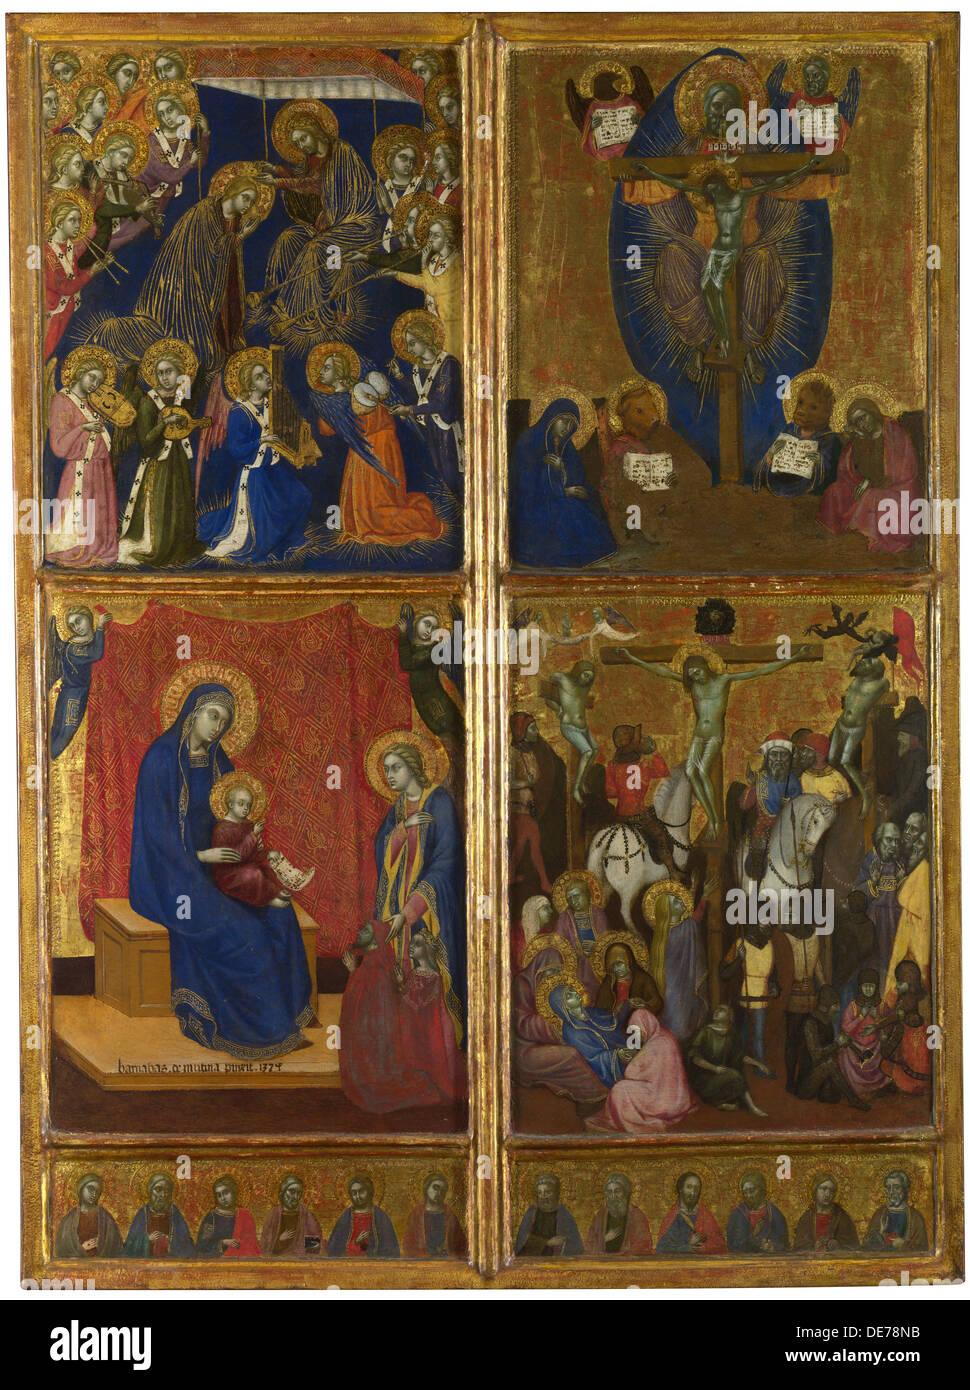 Die Krönung der Jungfrau. Die Dreifaltigkeit. Die Jungfrau und das Kind mit den Gebern. Die Kreuzigung. Die zwölf Apostel, 1374. Künstler: Stockbild